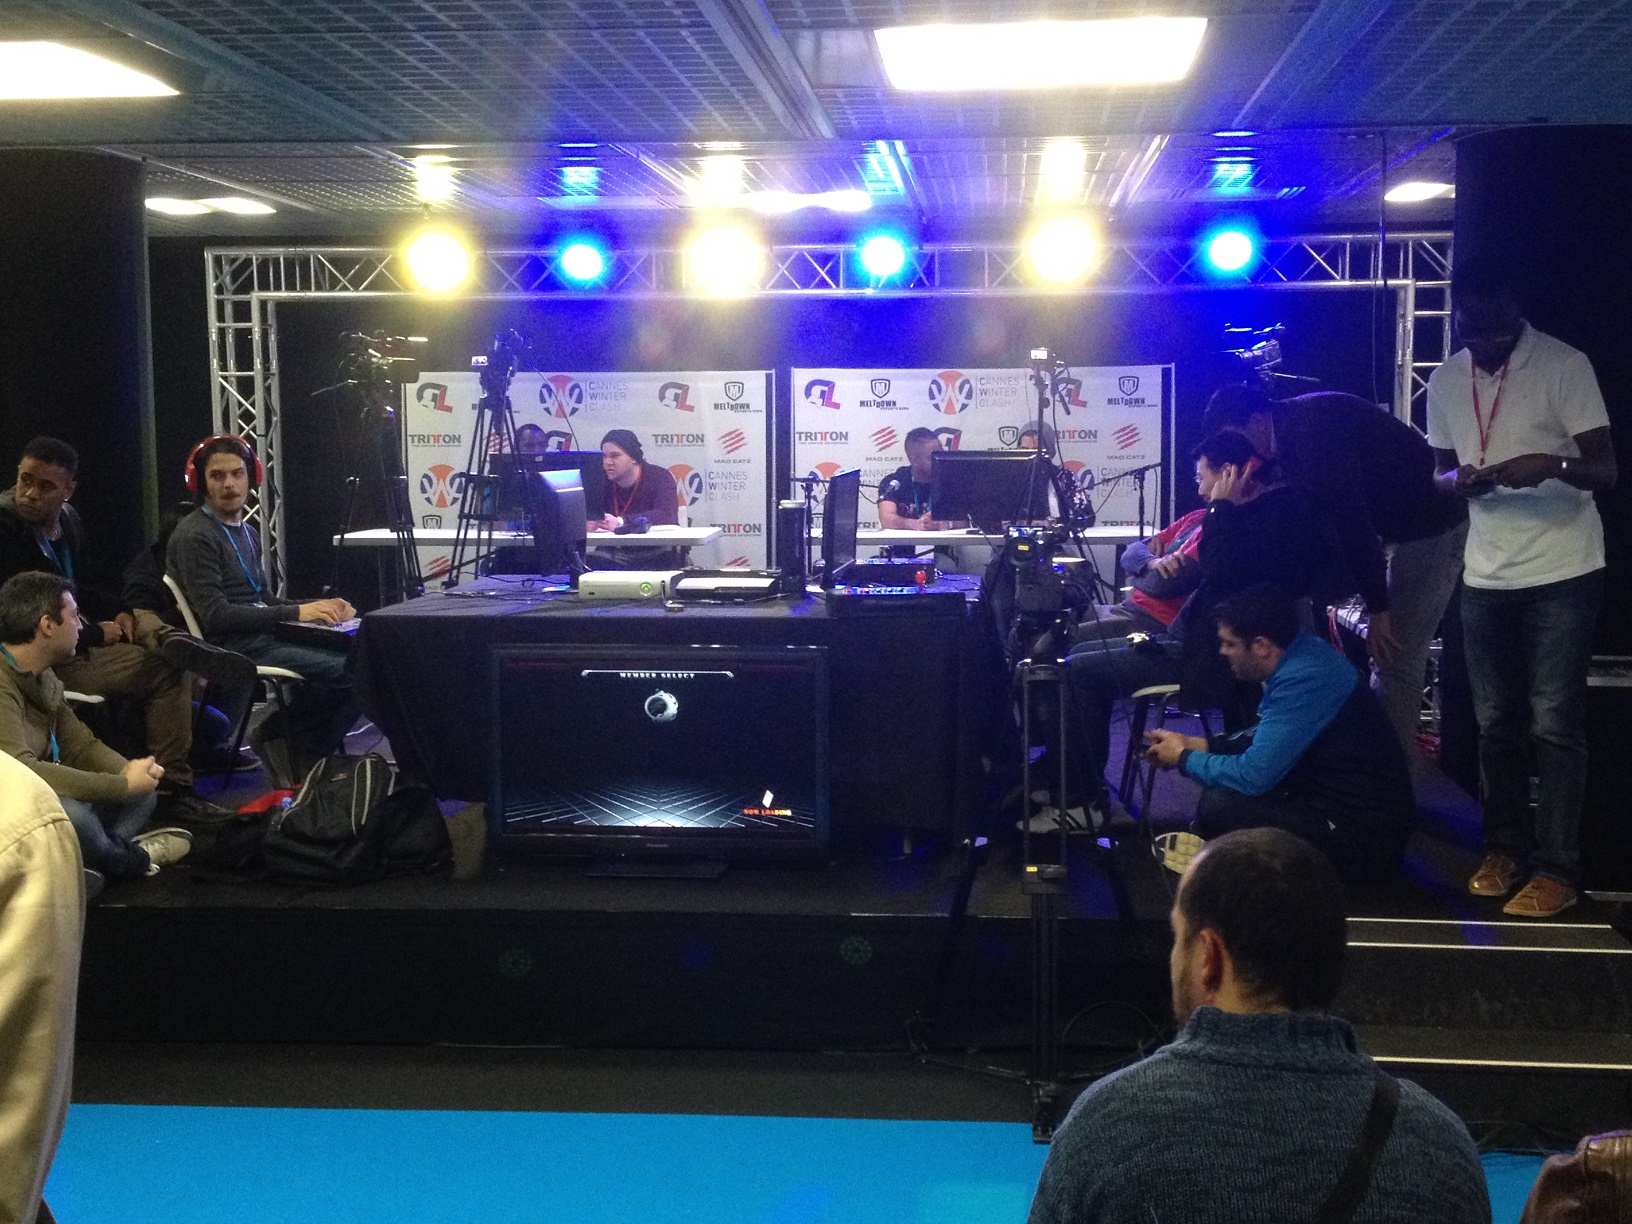 Le FlJ de Cannes 2015 –  Enter the Cannes Winter Clash